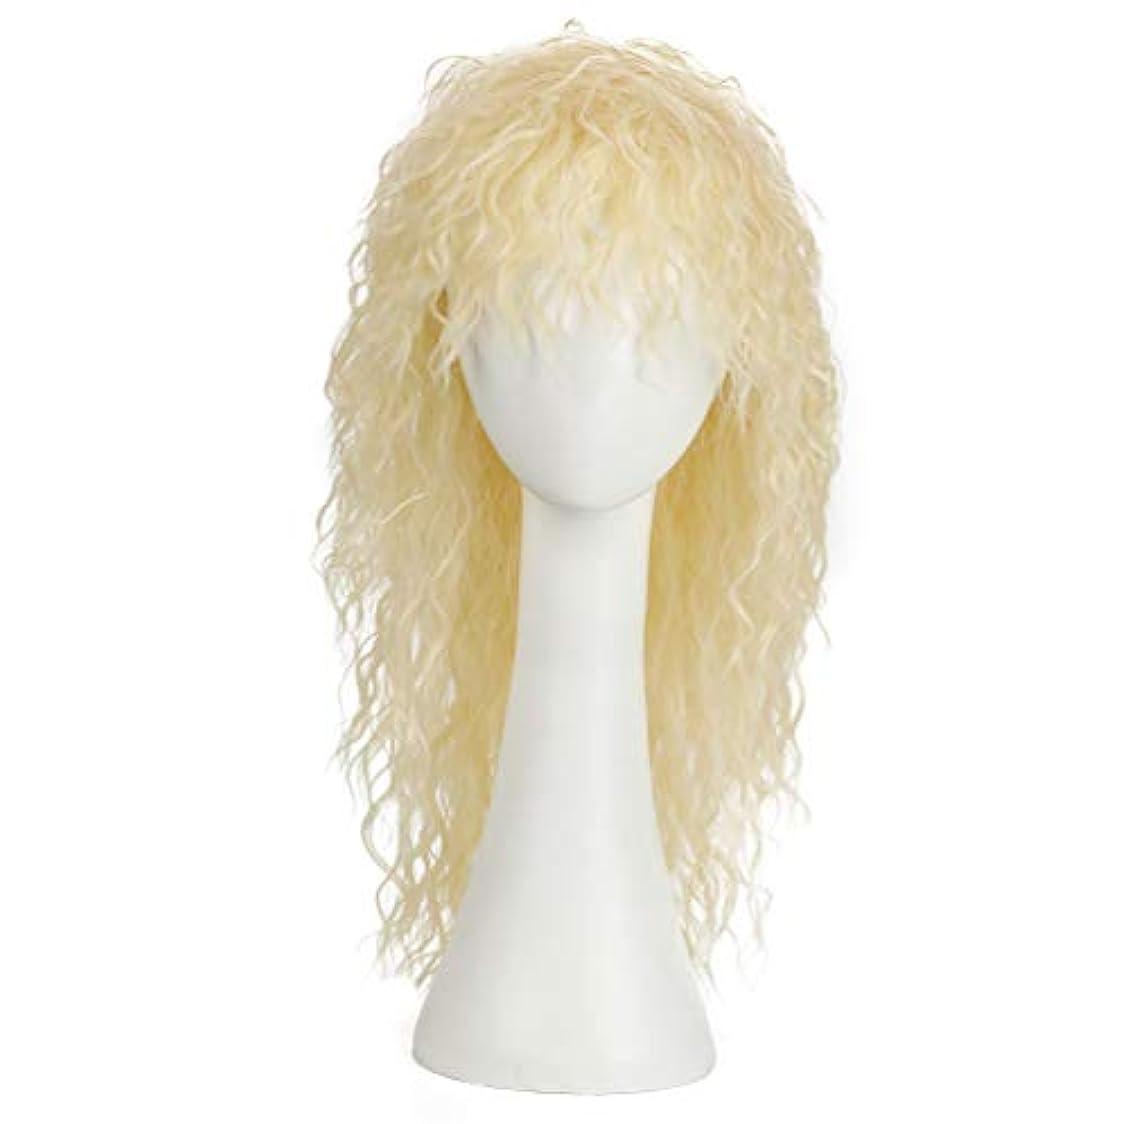 まだマチュピチュあいにくウィッグ女性150%密度ロングカールグルーレスベビーヘアフルヘッドウィッグ